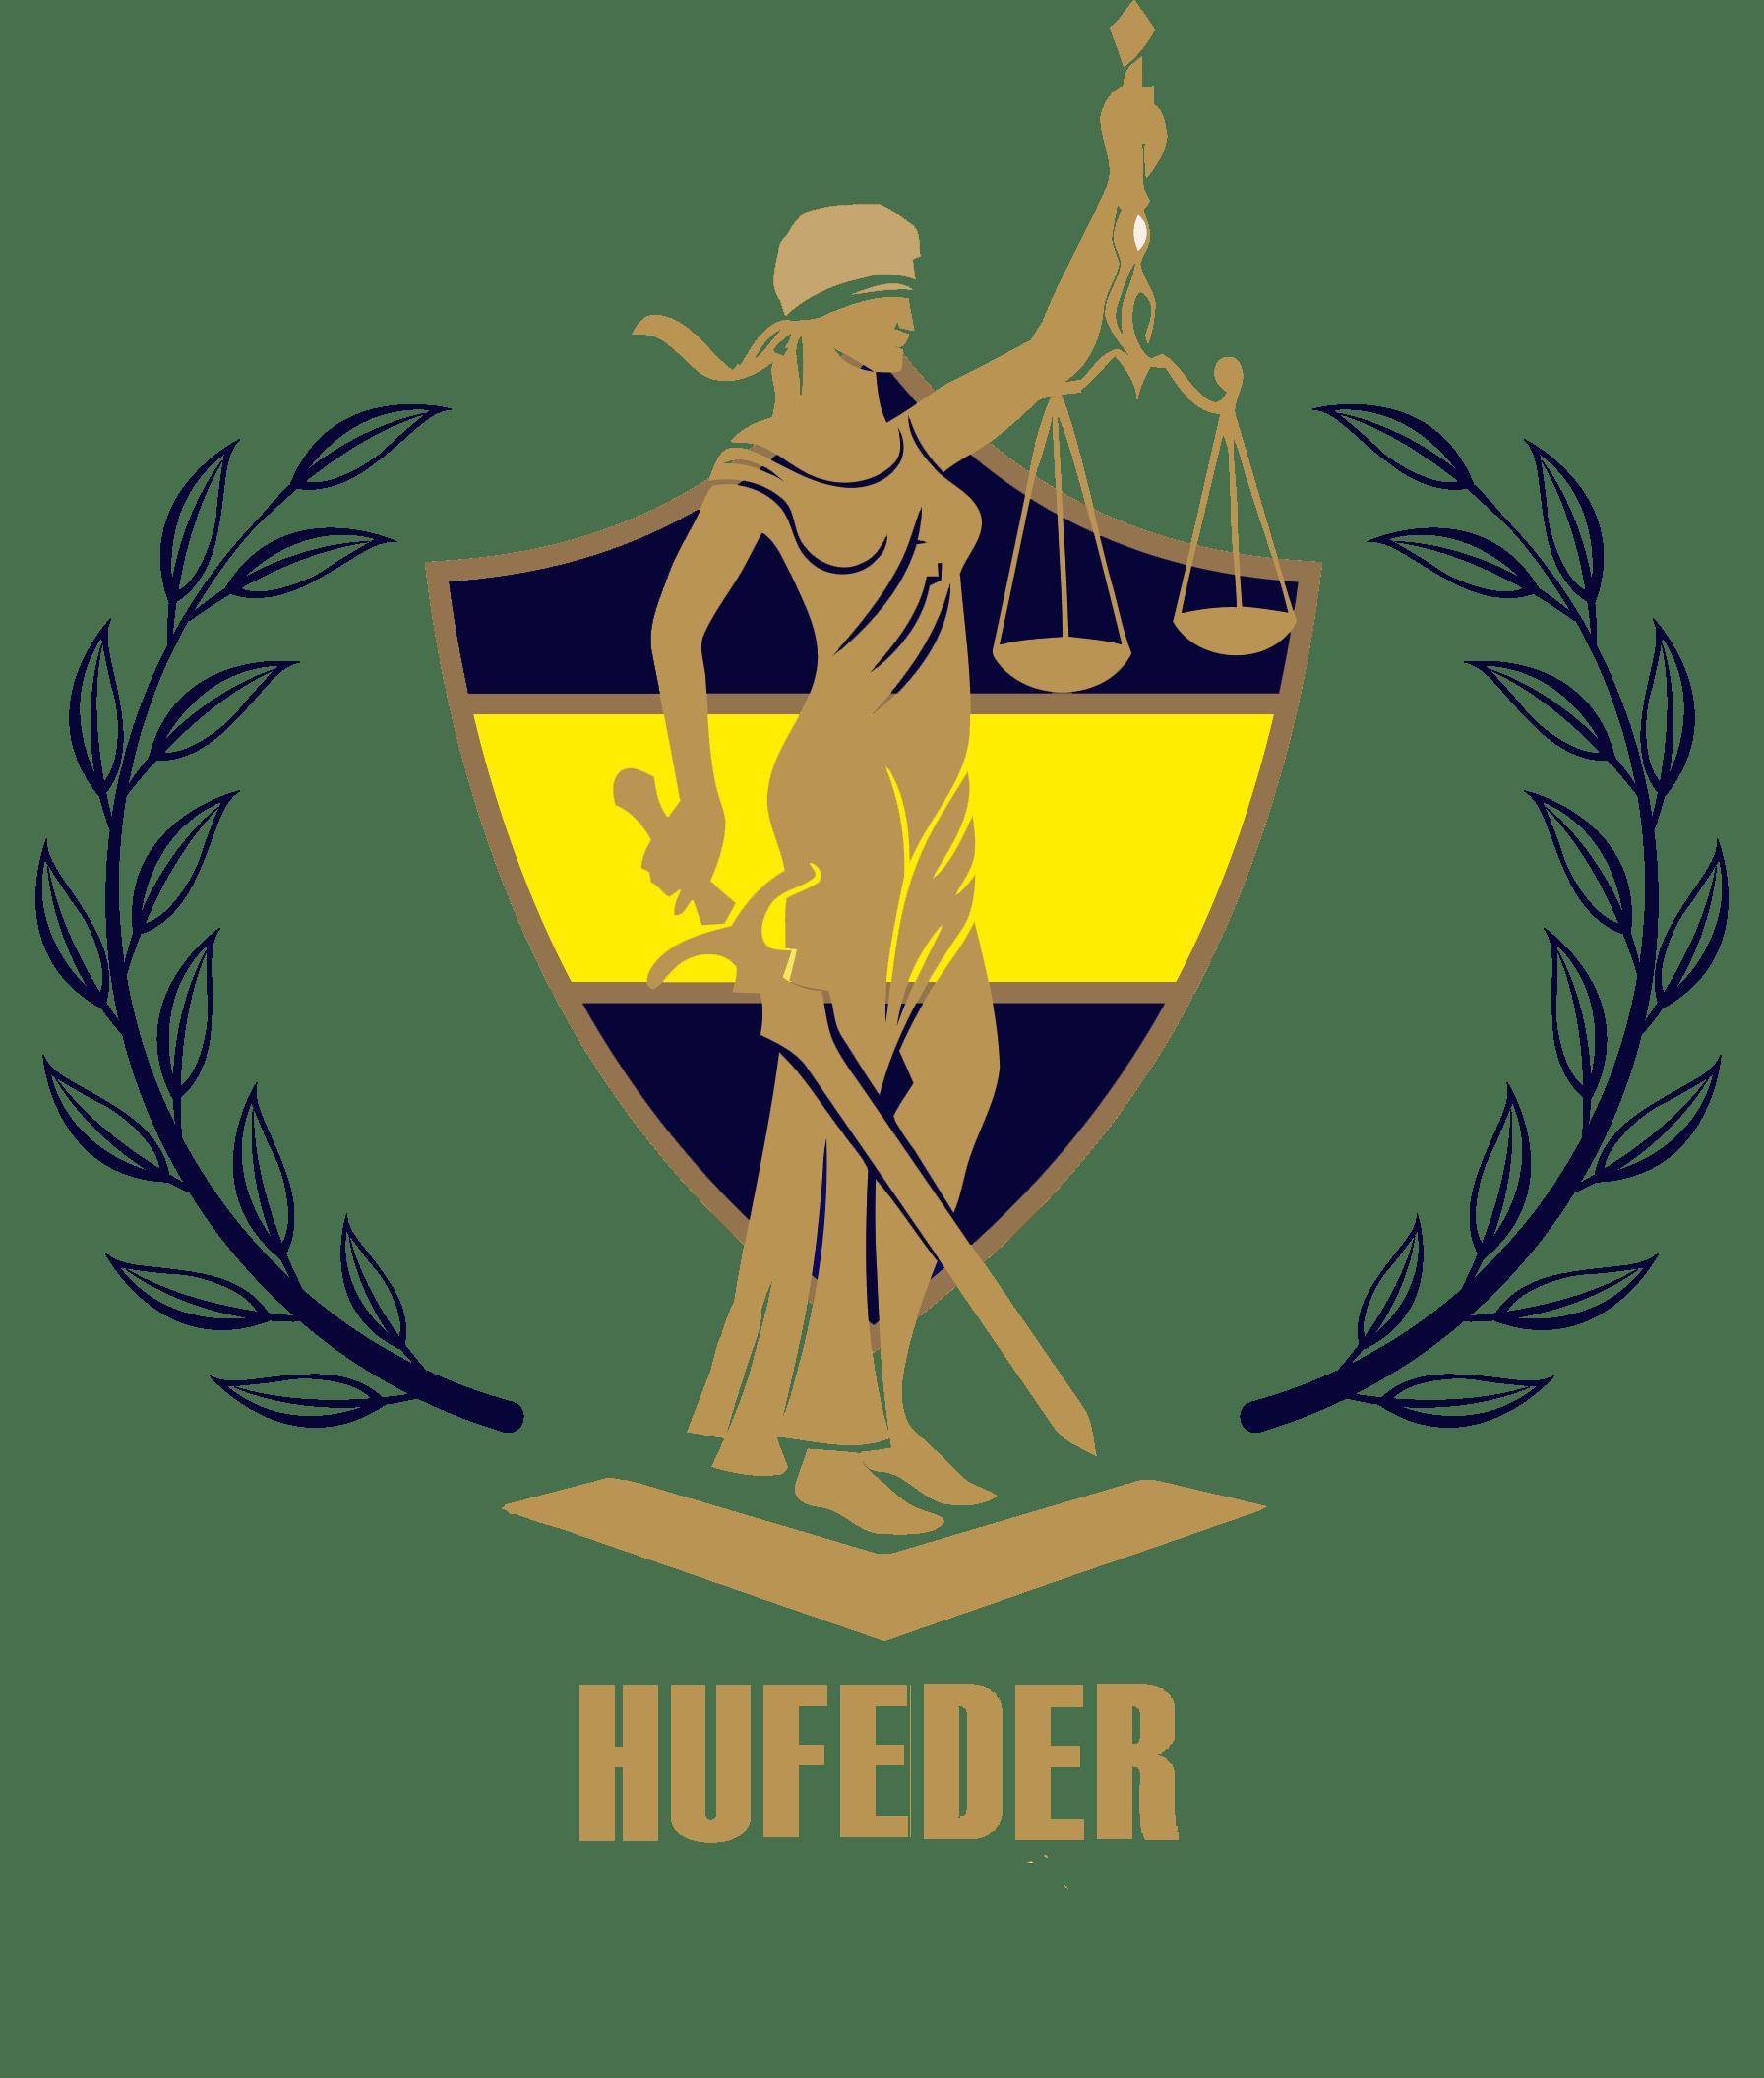 HUFEDER LOGO